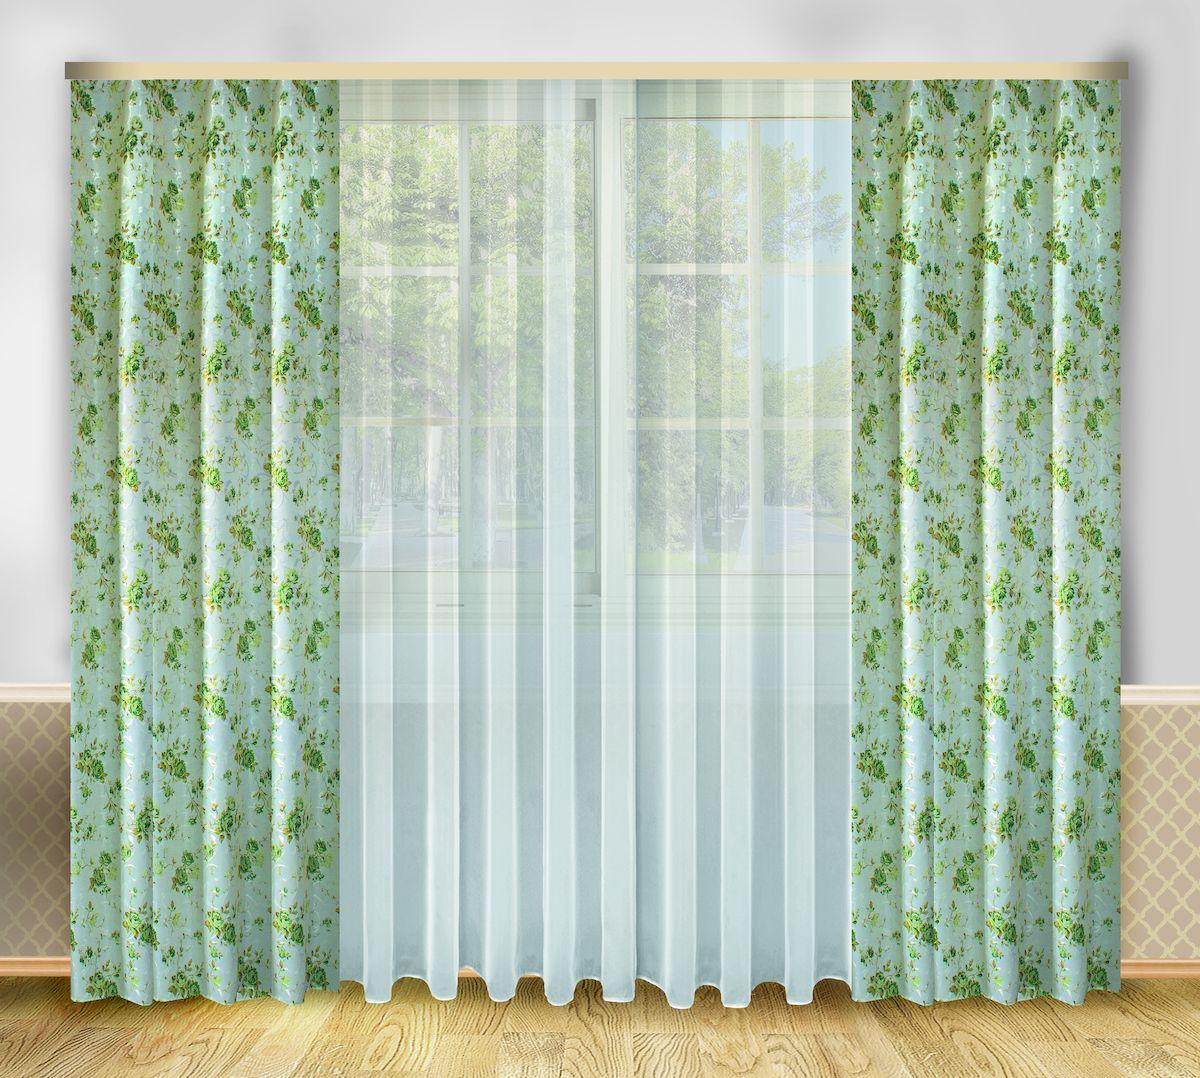 Комплект штор Zlata Korunka, на ленте, цвет: серо-зеленый, высота 250 см. 66658